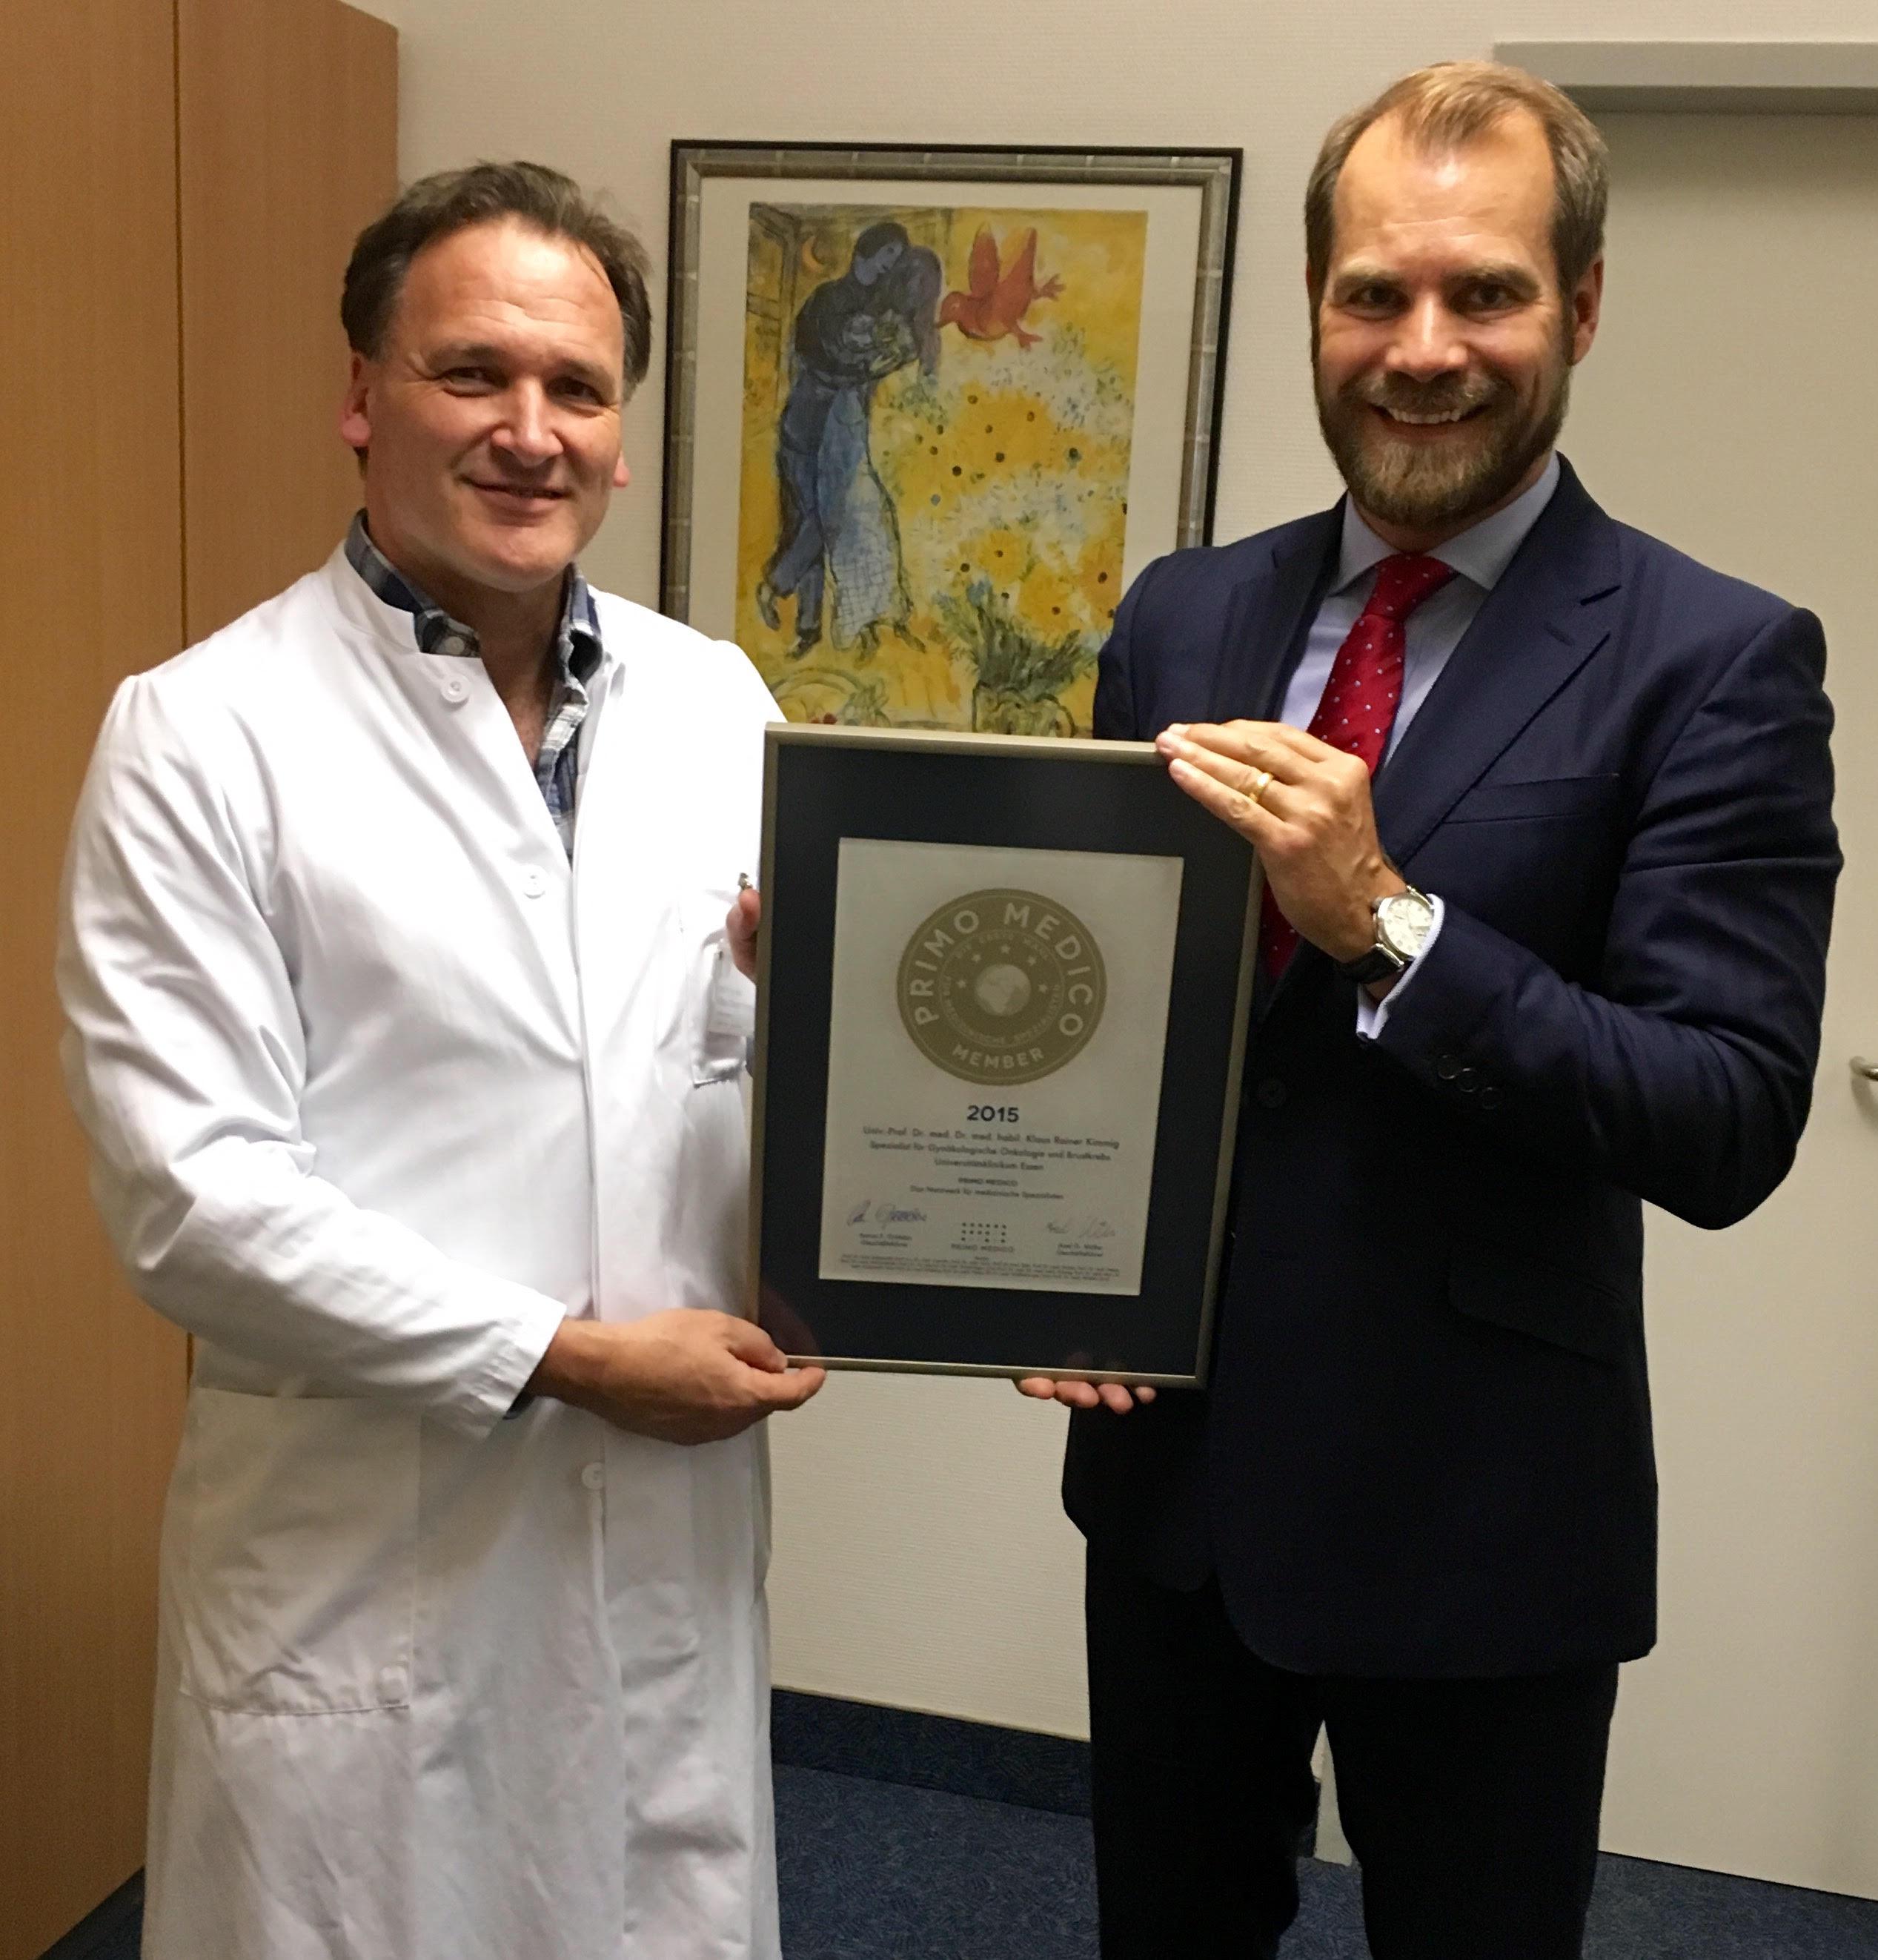 Univ.-Prof. Dr. Dr. med. Kimmig Siegelübergabe